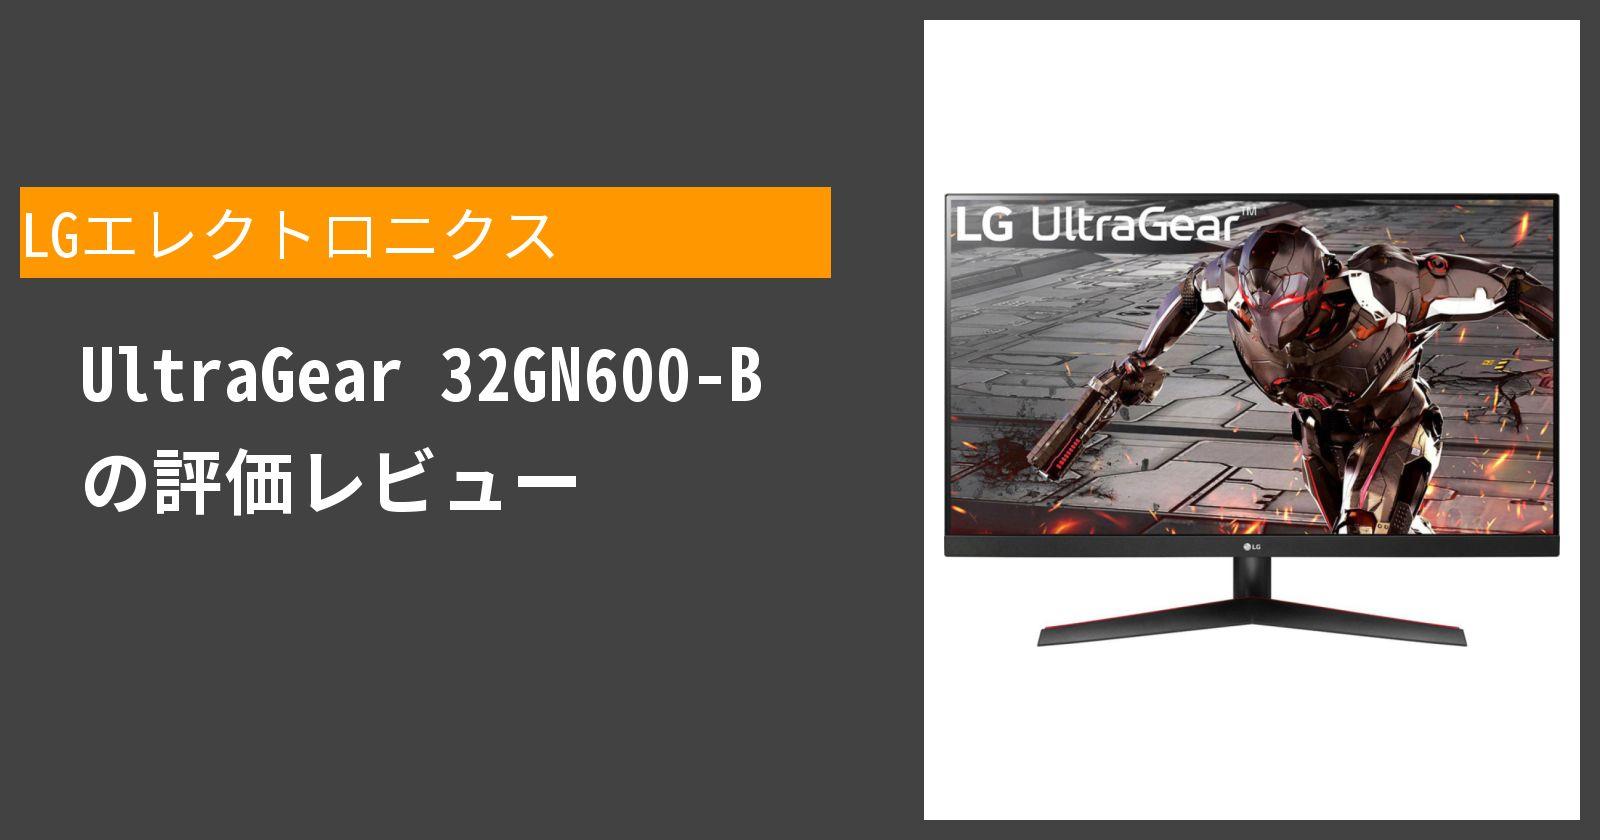 UltraGear 32GN600-Bを徹底評価